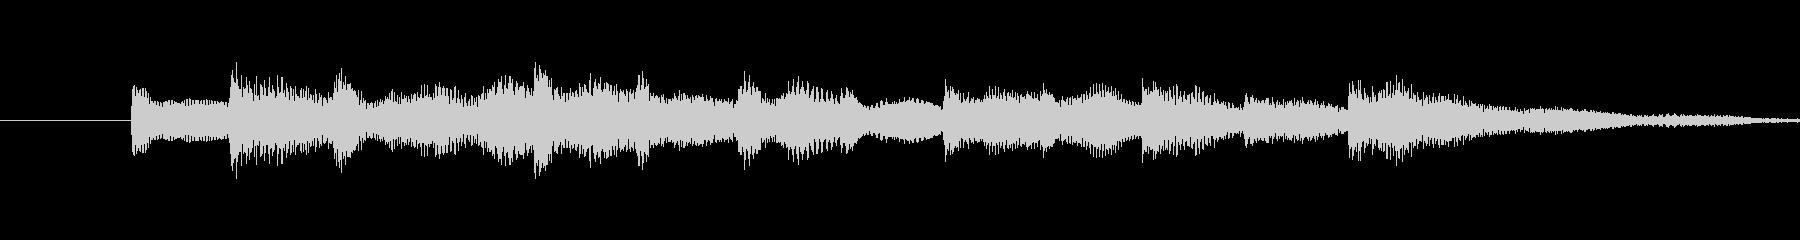 ・単音シンプルで、穏やかなサウンドロゴ…の未再生の波形